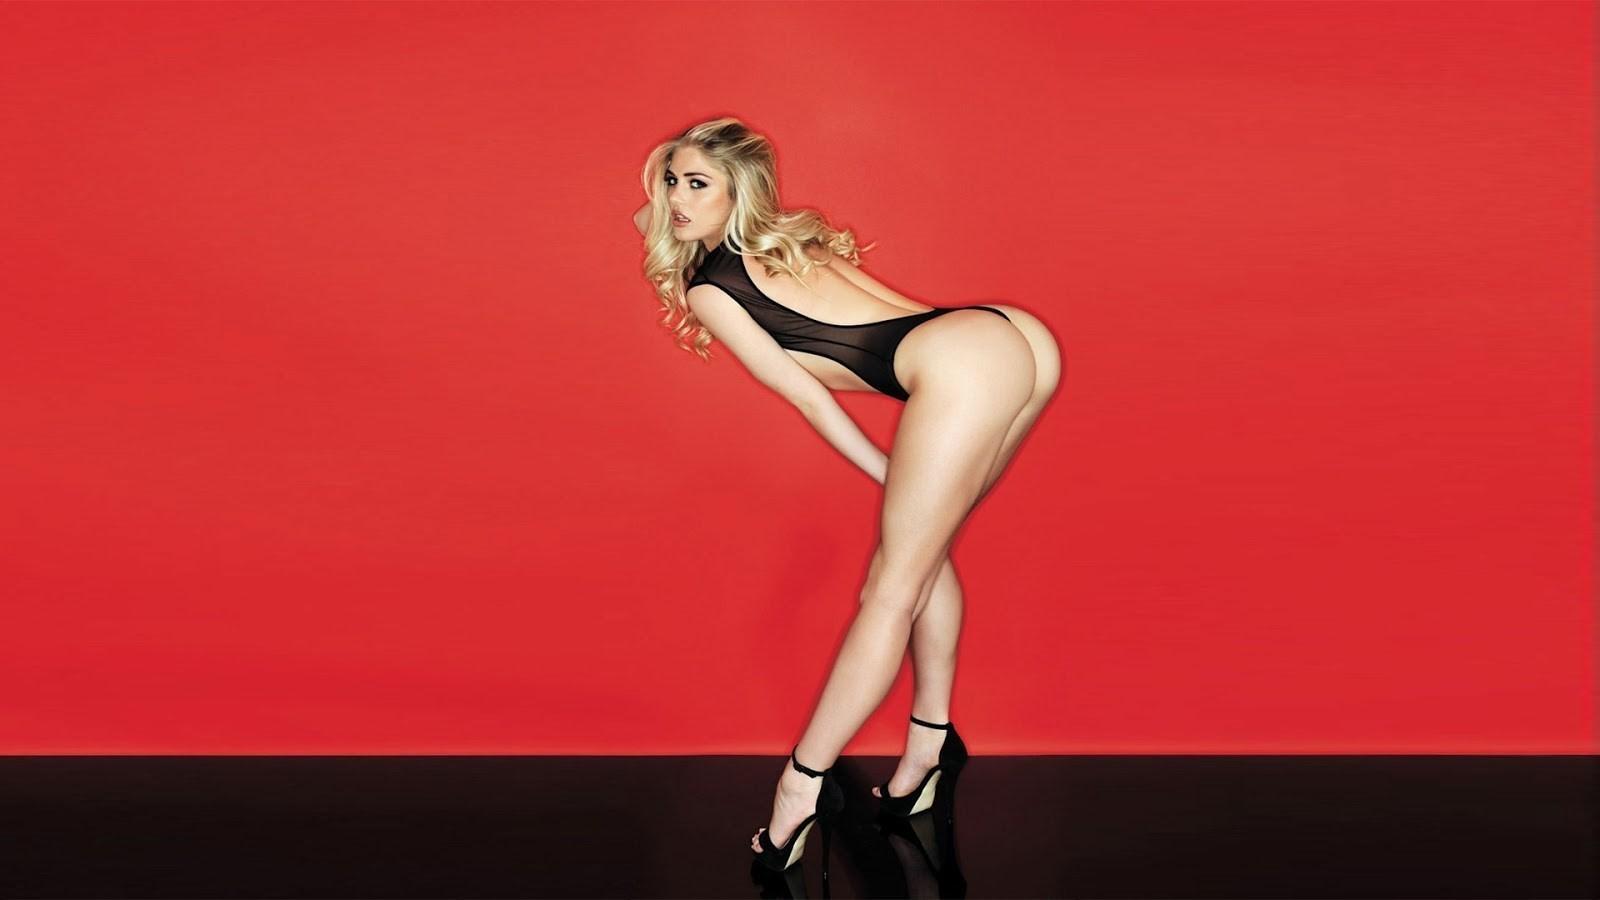 Wallpaper Sports Women Model Blonde Ass Wall High Heels